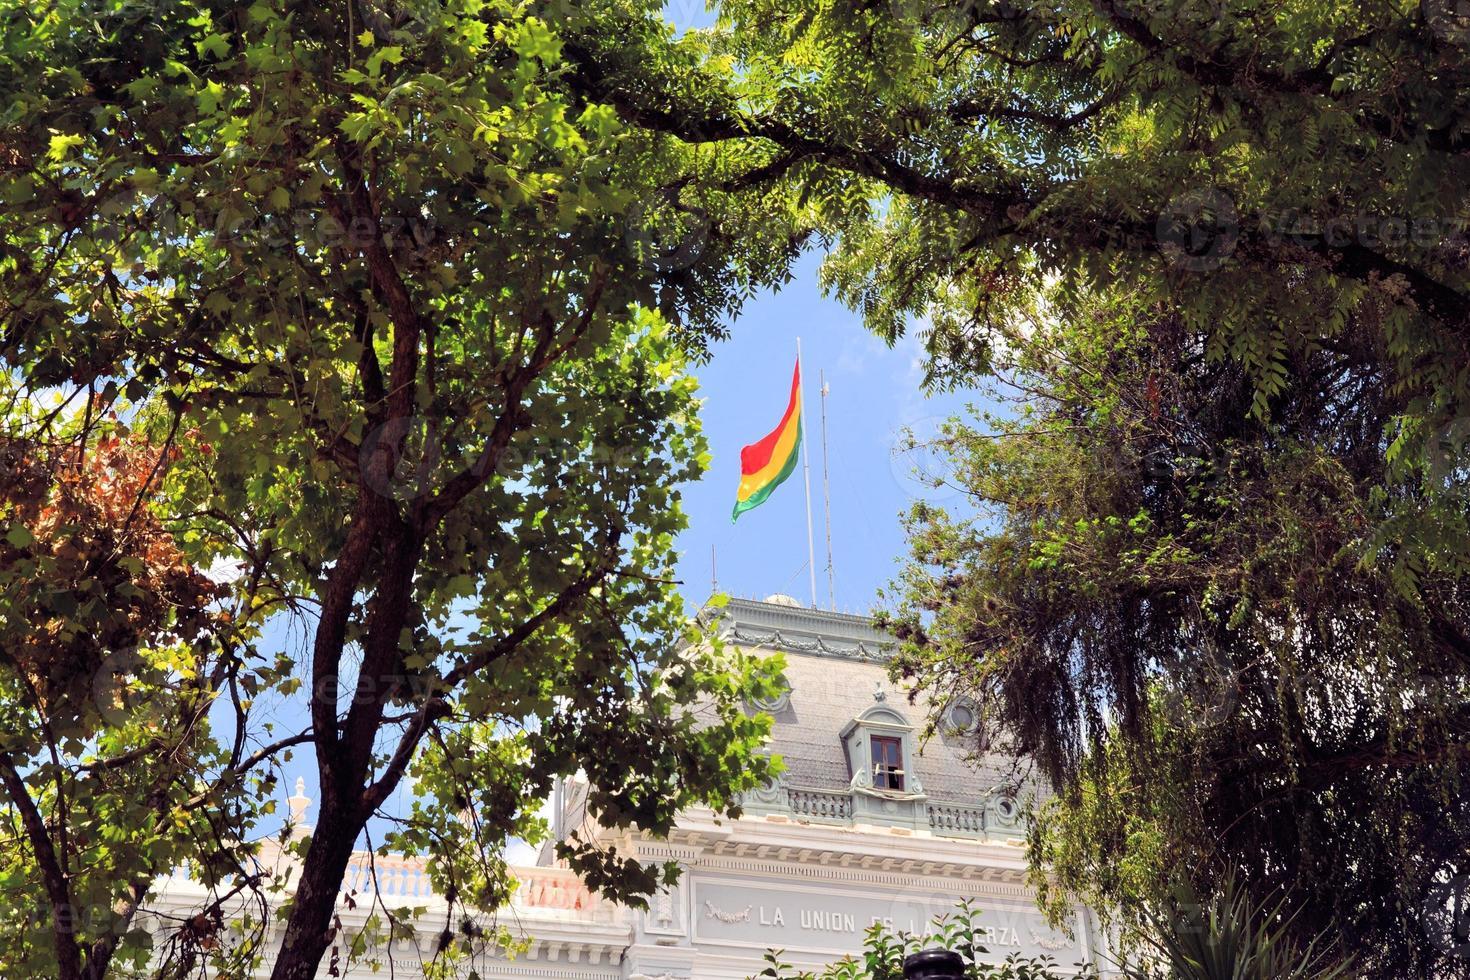 edificio del gobierno de la ciudad capital sucre, bolivia foto